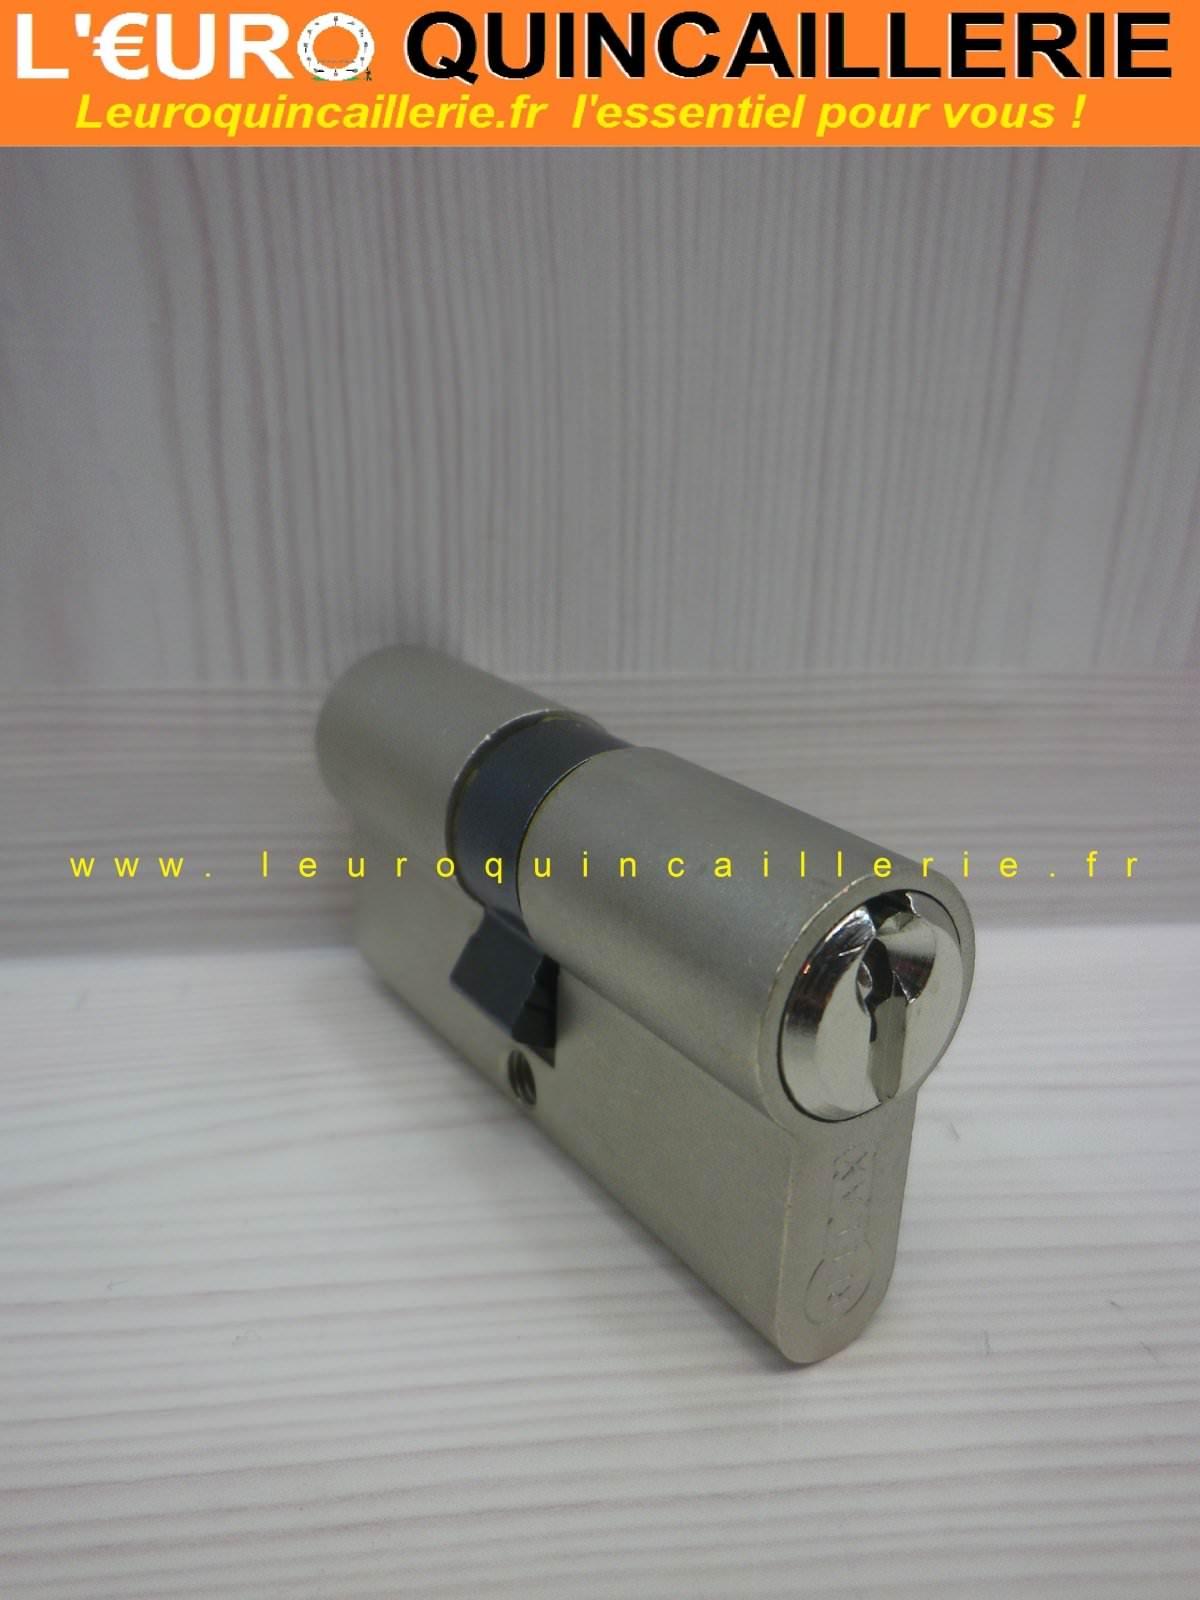 Cylindres à panneton Reelax Realto 5 fournis avec 3 clés